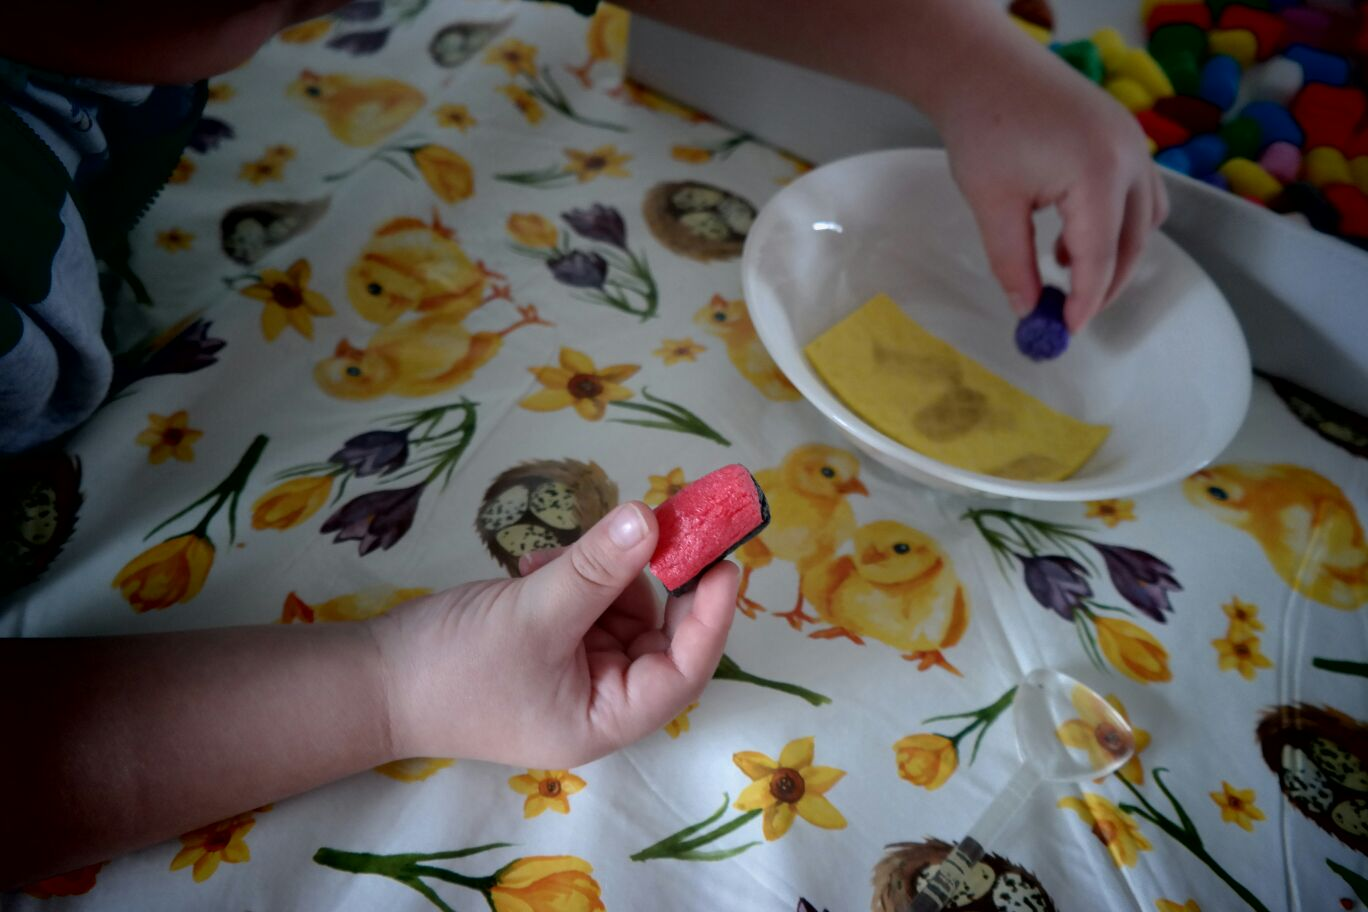 4-16-fischer-tip-leuk-knutselen-kleuren-plakken-drie-jaar-vormen-dieren-mensen-auto-draak-voorbeelden-ton-veel-creativ-heutink-water-kinderen-activiteit-peuter-kleuter-10-jaar-water